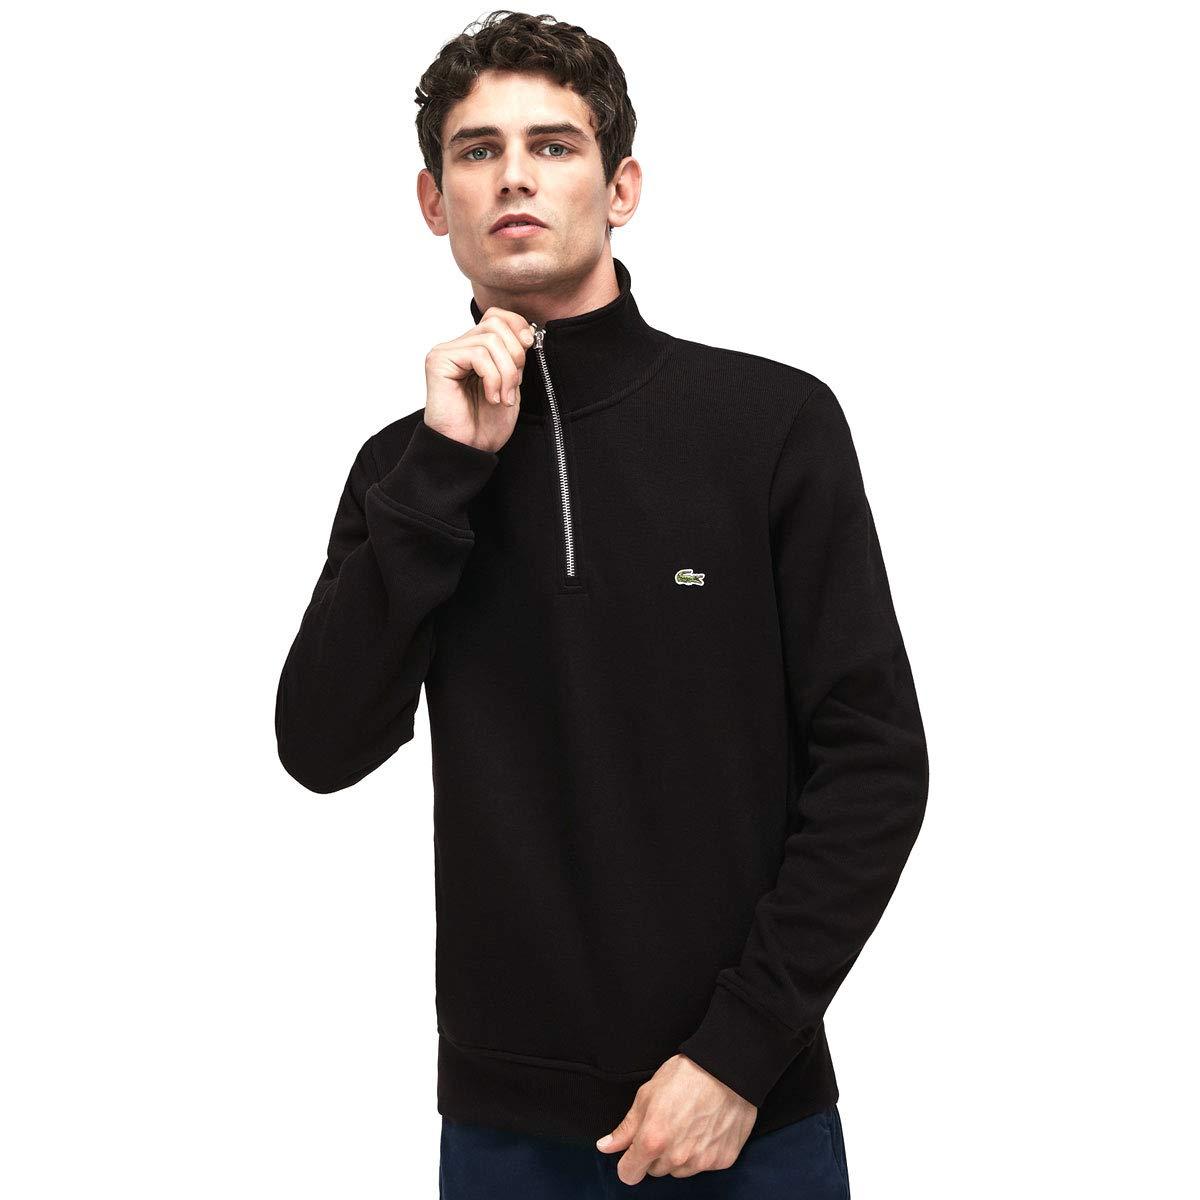 Lacoste  Herren Half Zip Sweatshirt sh9252-00